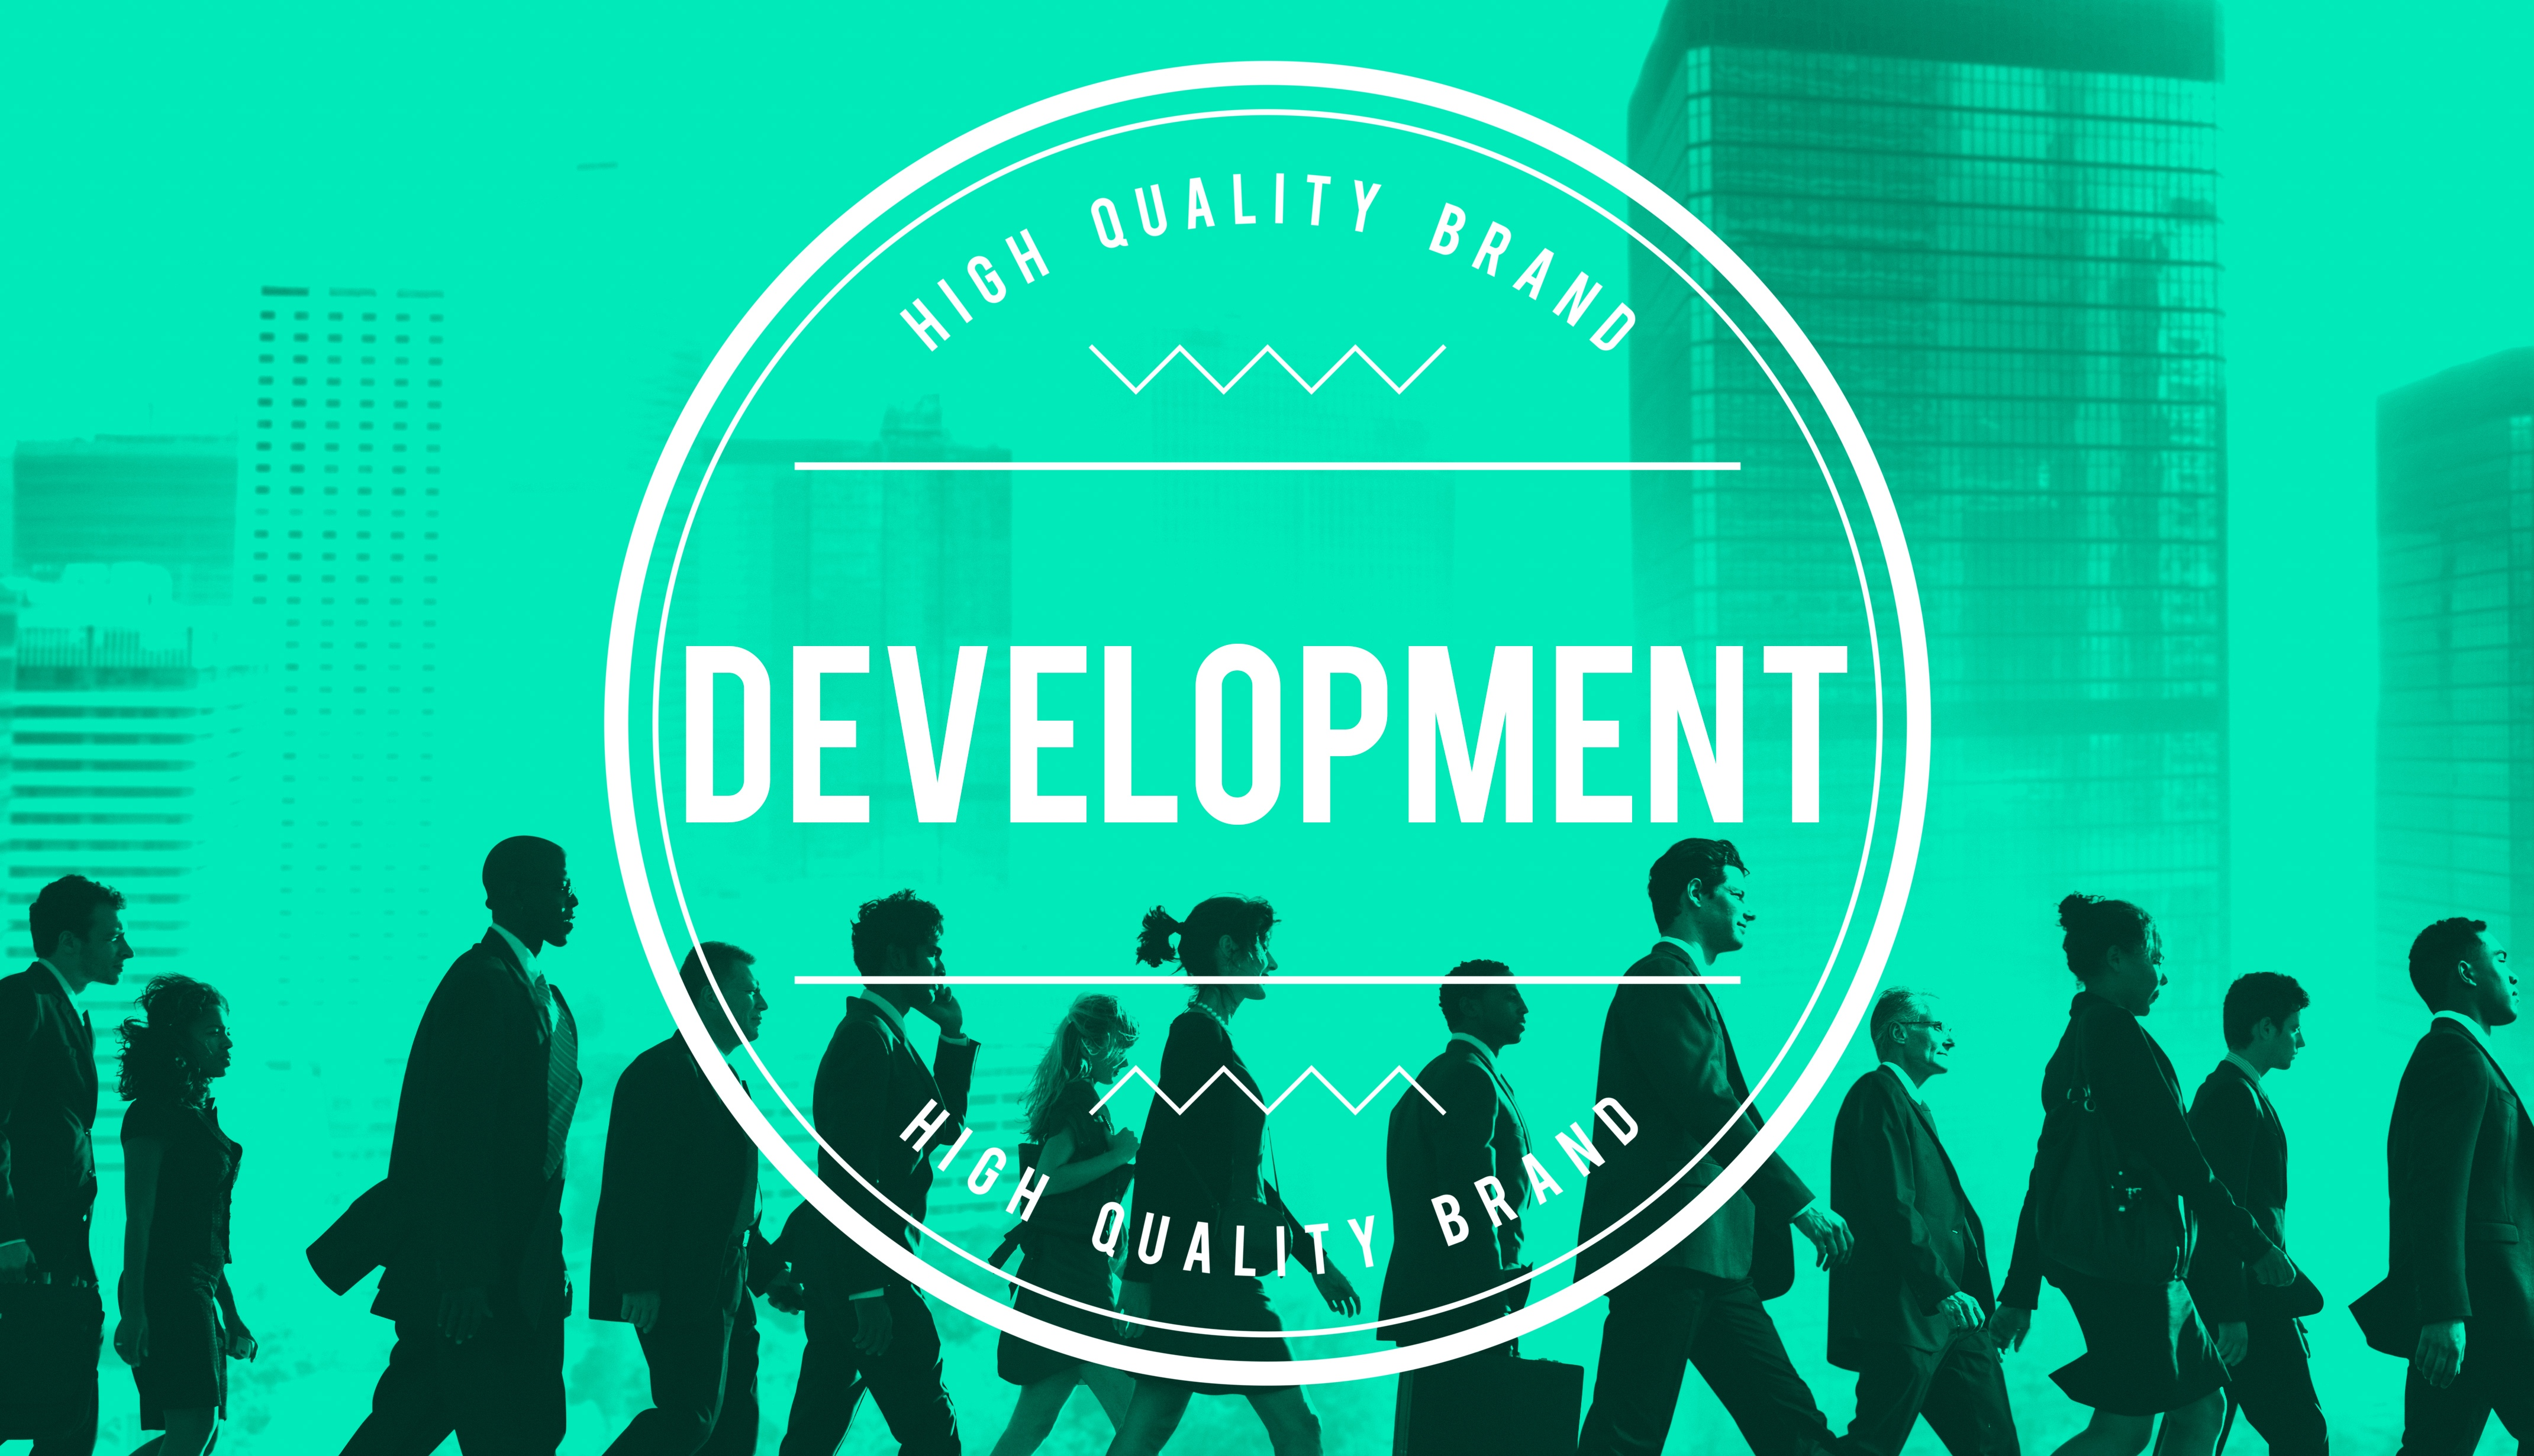 ליווי עסקי וייעוץ אסטרטגי לחברות ולעסקים משפחתיים